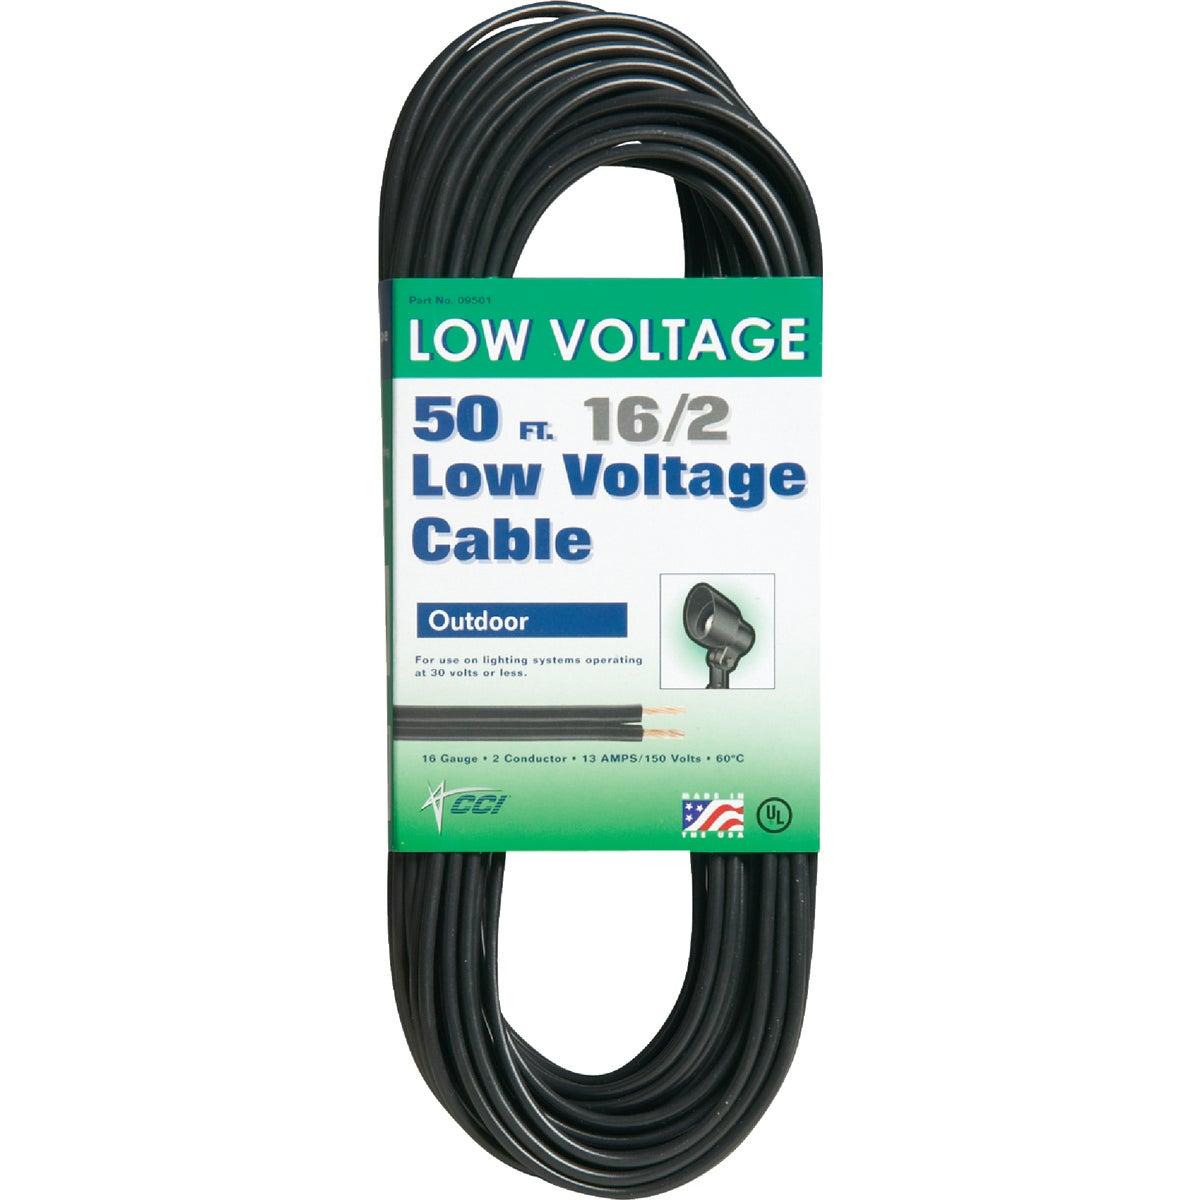 16/2 50' LOW VOLT CABLE